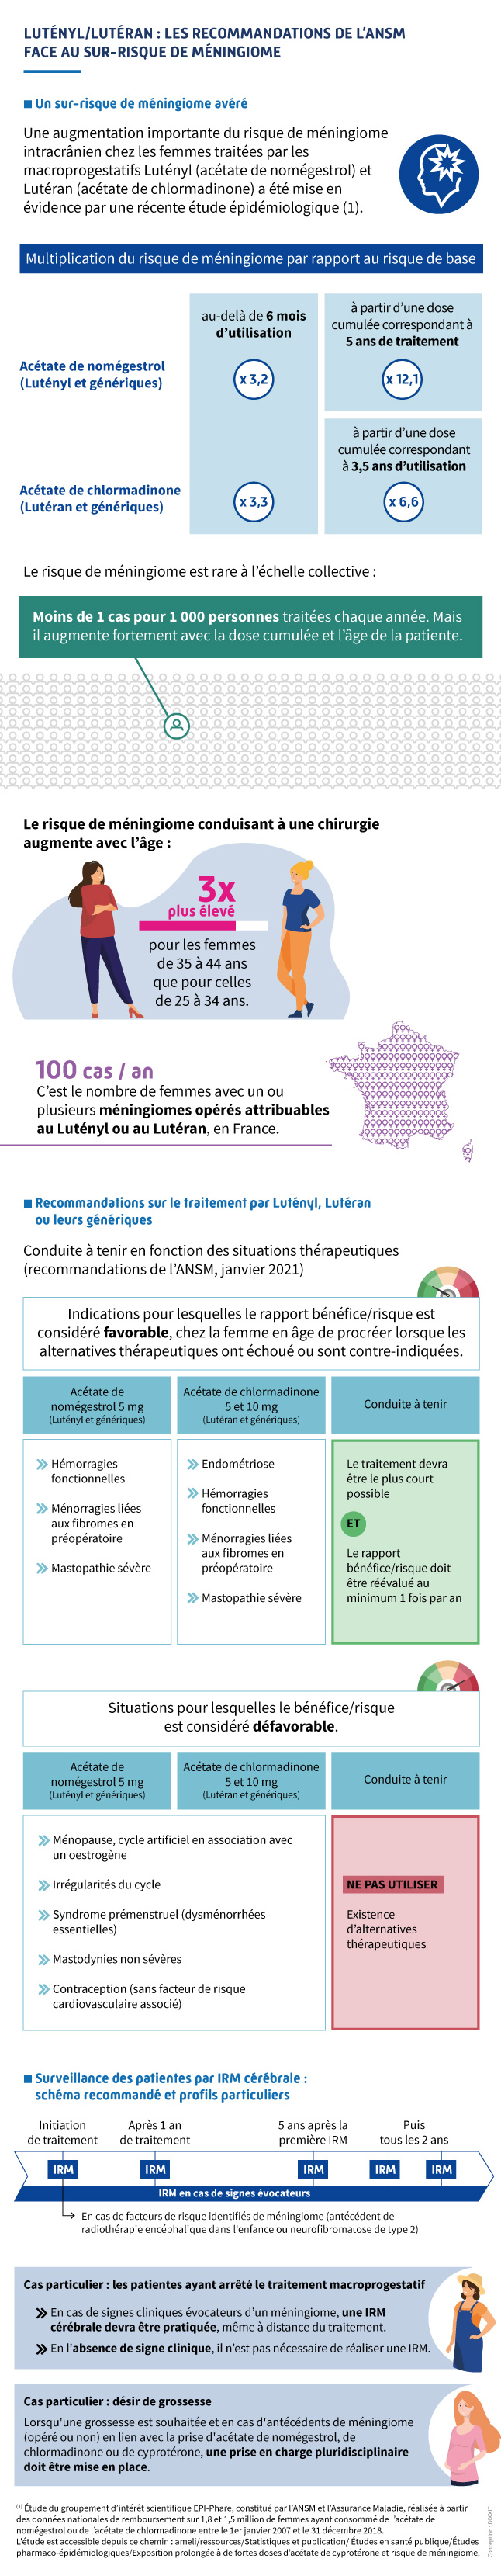 Lutényl/Lutéran : les recommandations de l'ANSM face au sur-risque de méningiome